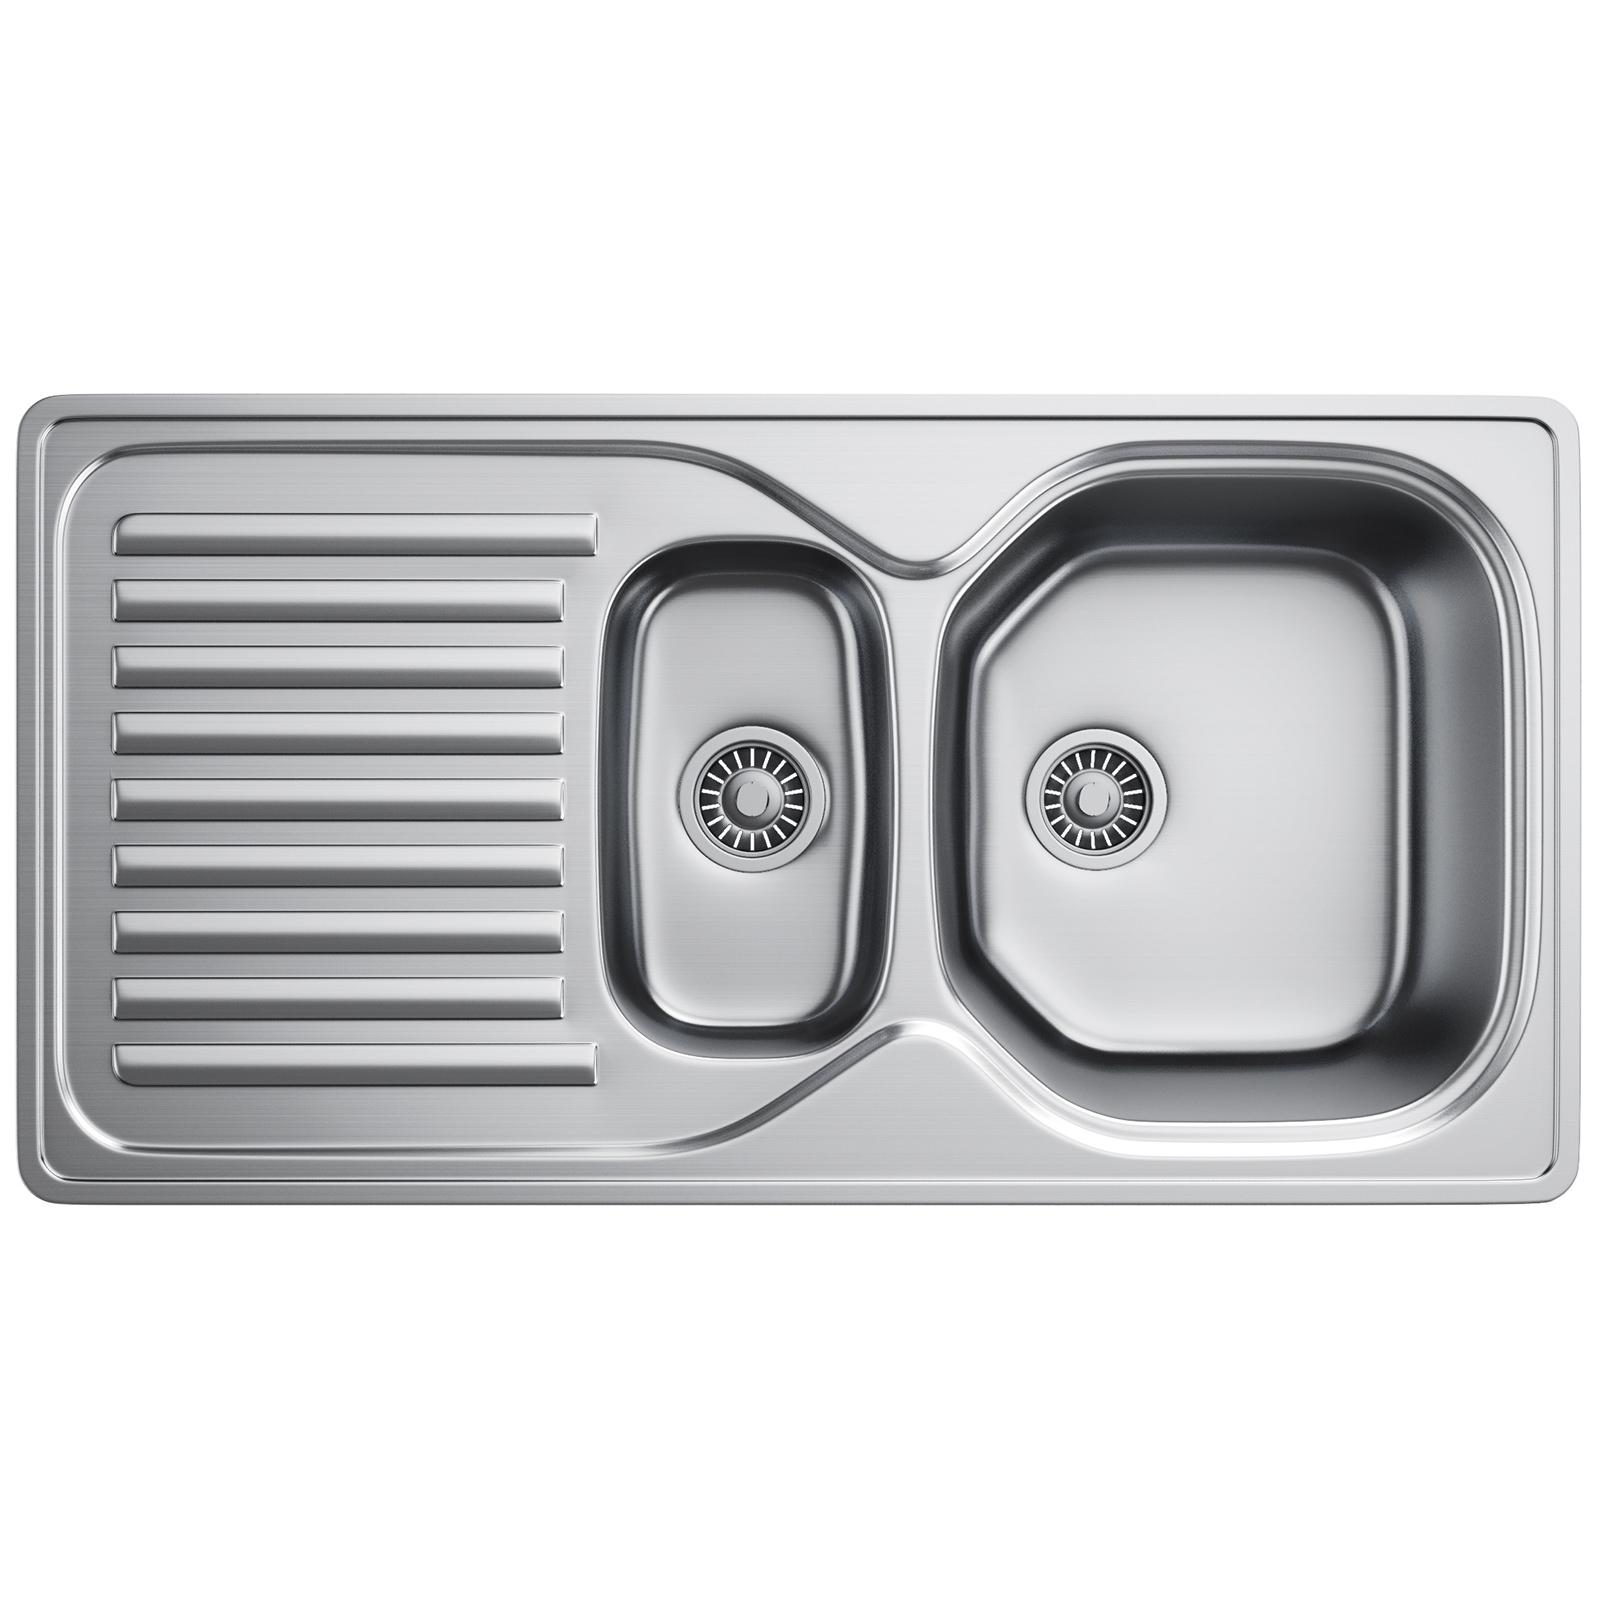 franke elba eln 651 stainless steel 1 5 bowl inset sink elba eln 651 stainless steel 1 5 bowl inset sink  rh   aqva co uk